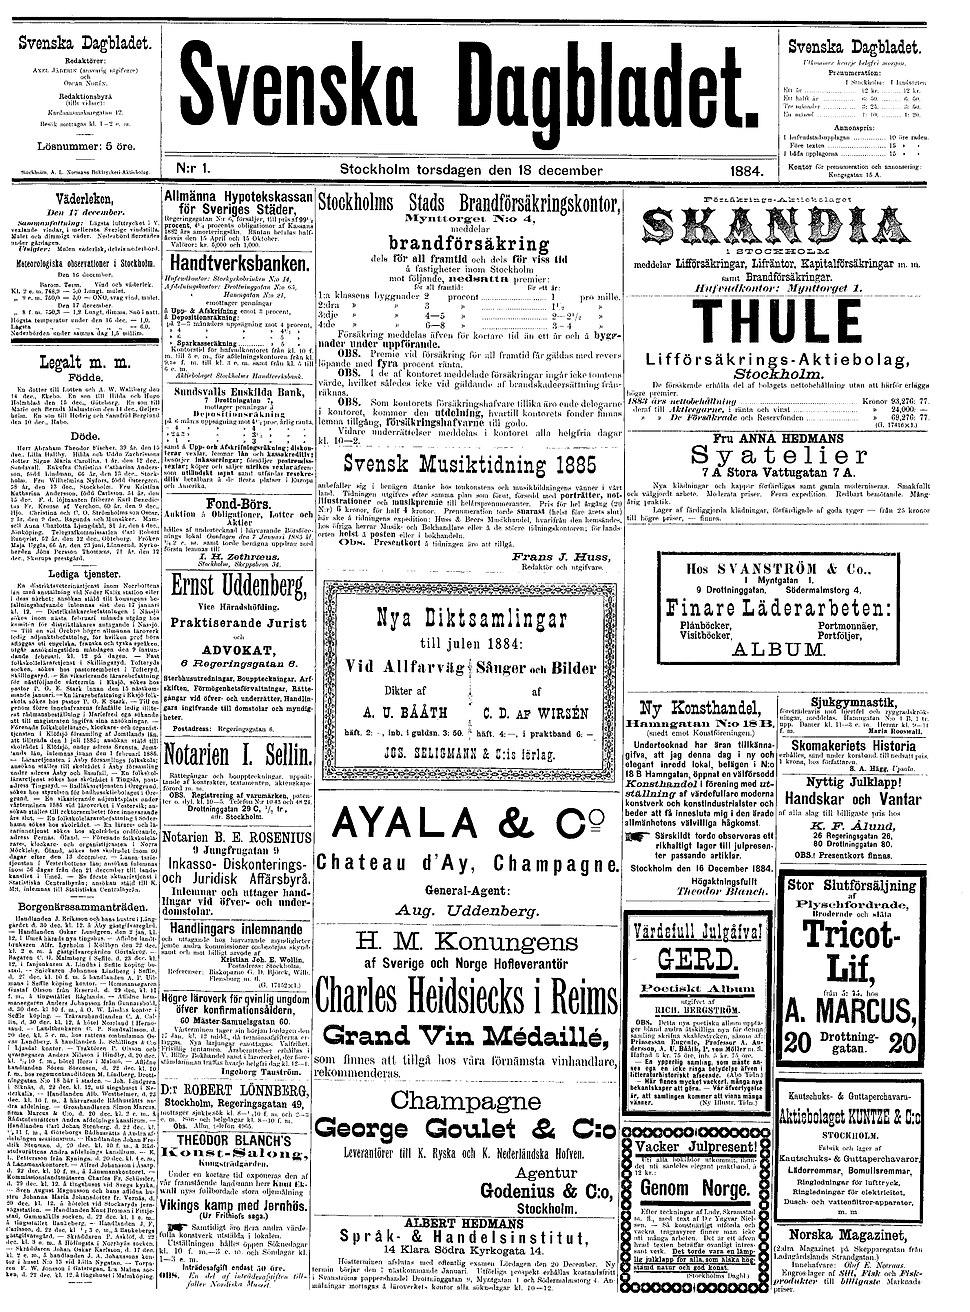 Svenska Dagbladet first issue